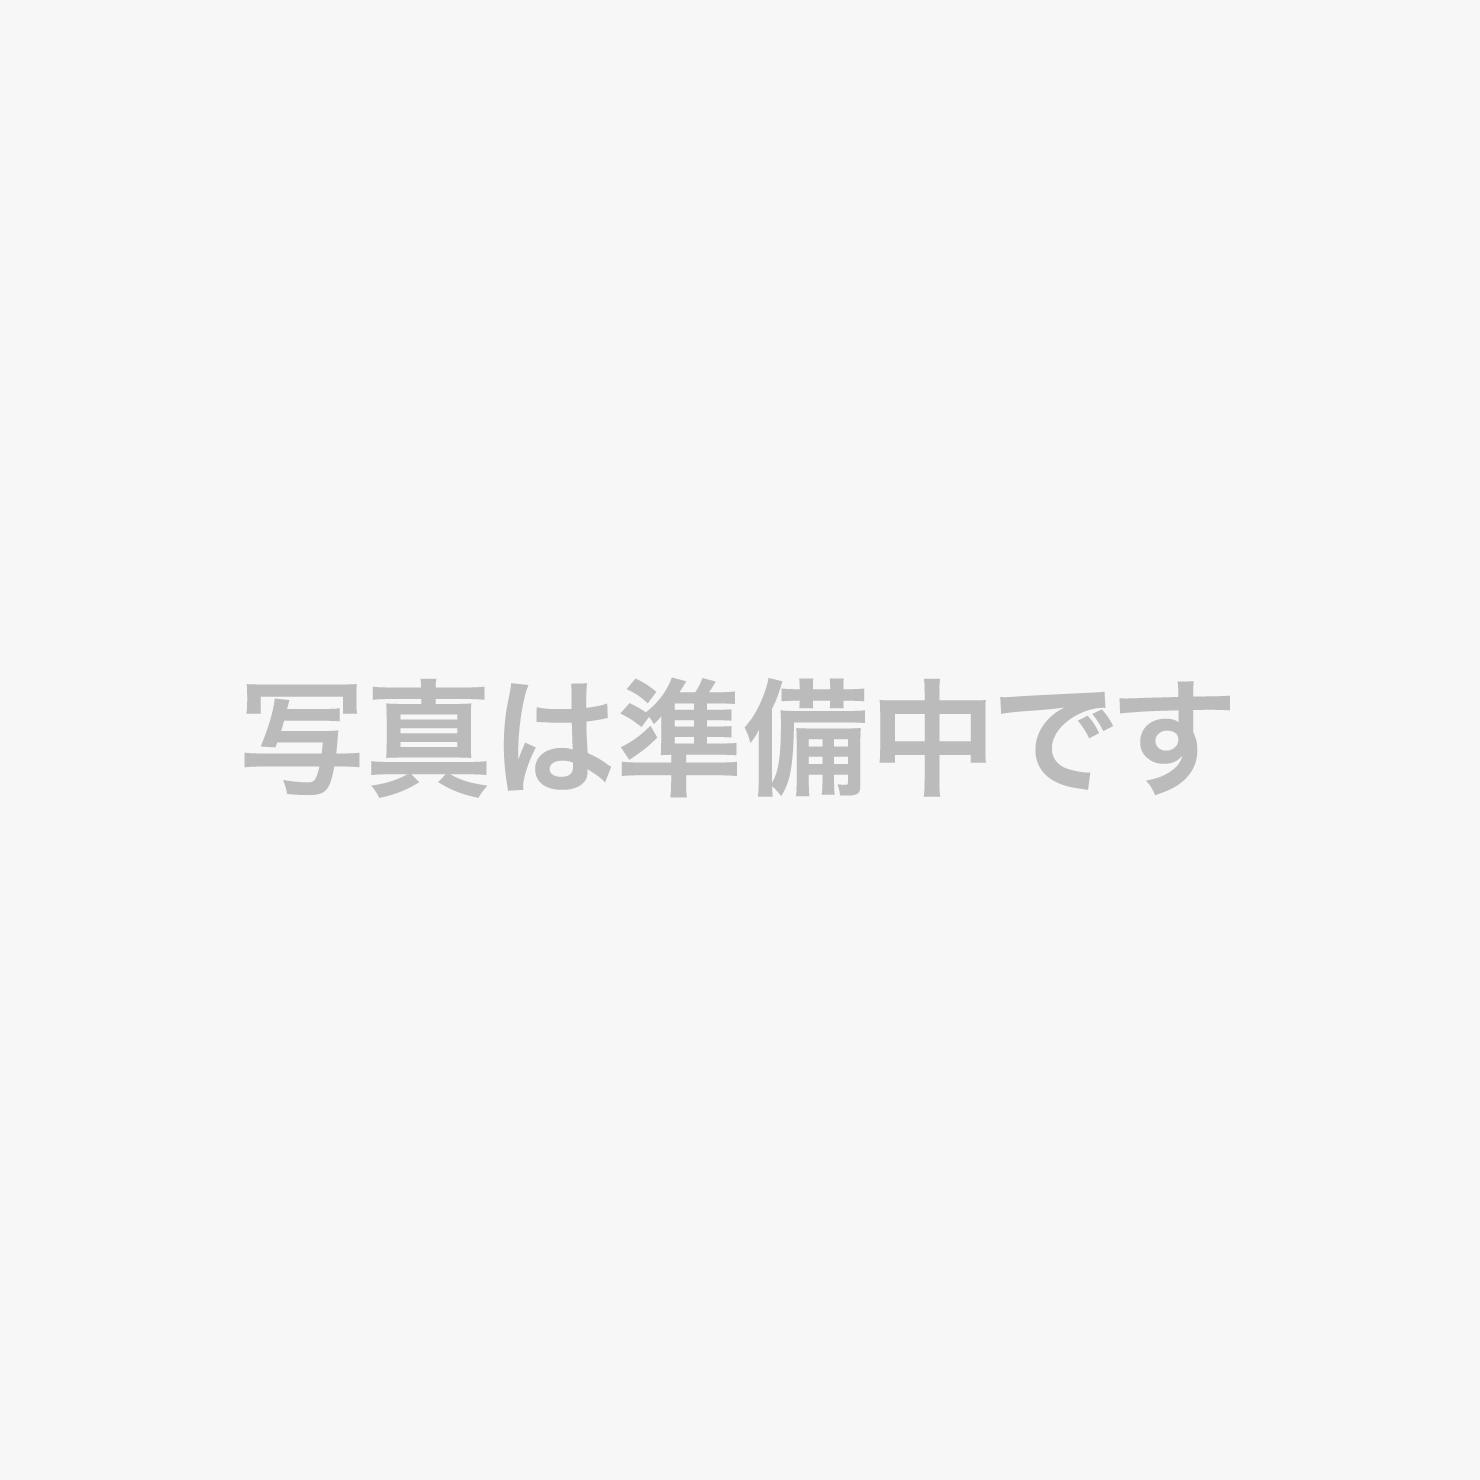 ズボンプレッサー(貸出)